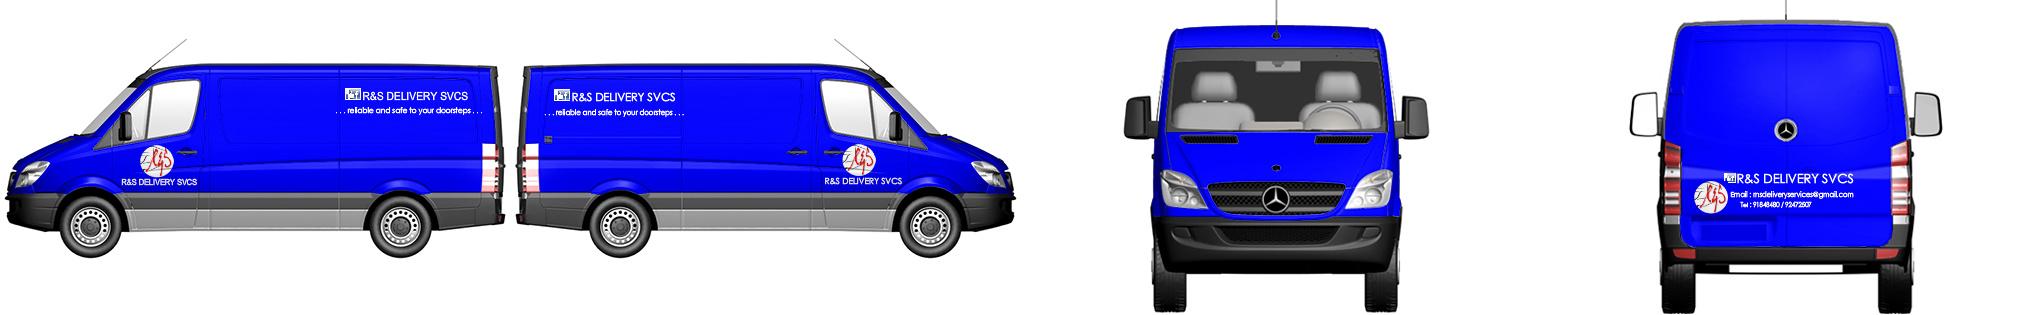 Van Wrap #33775